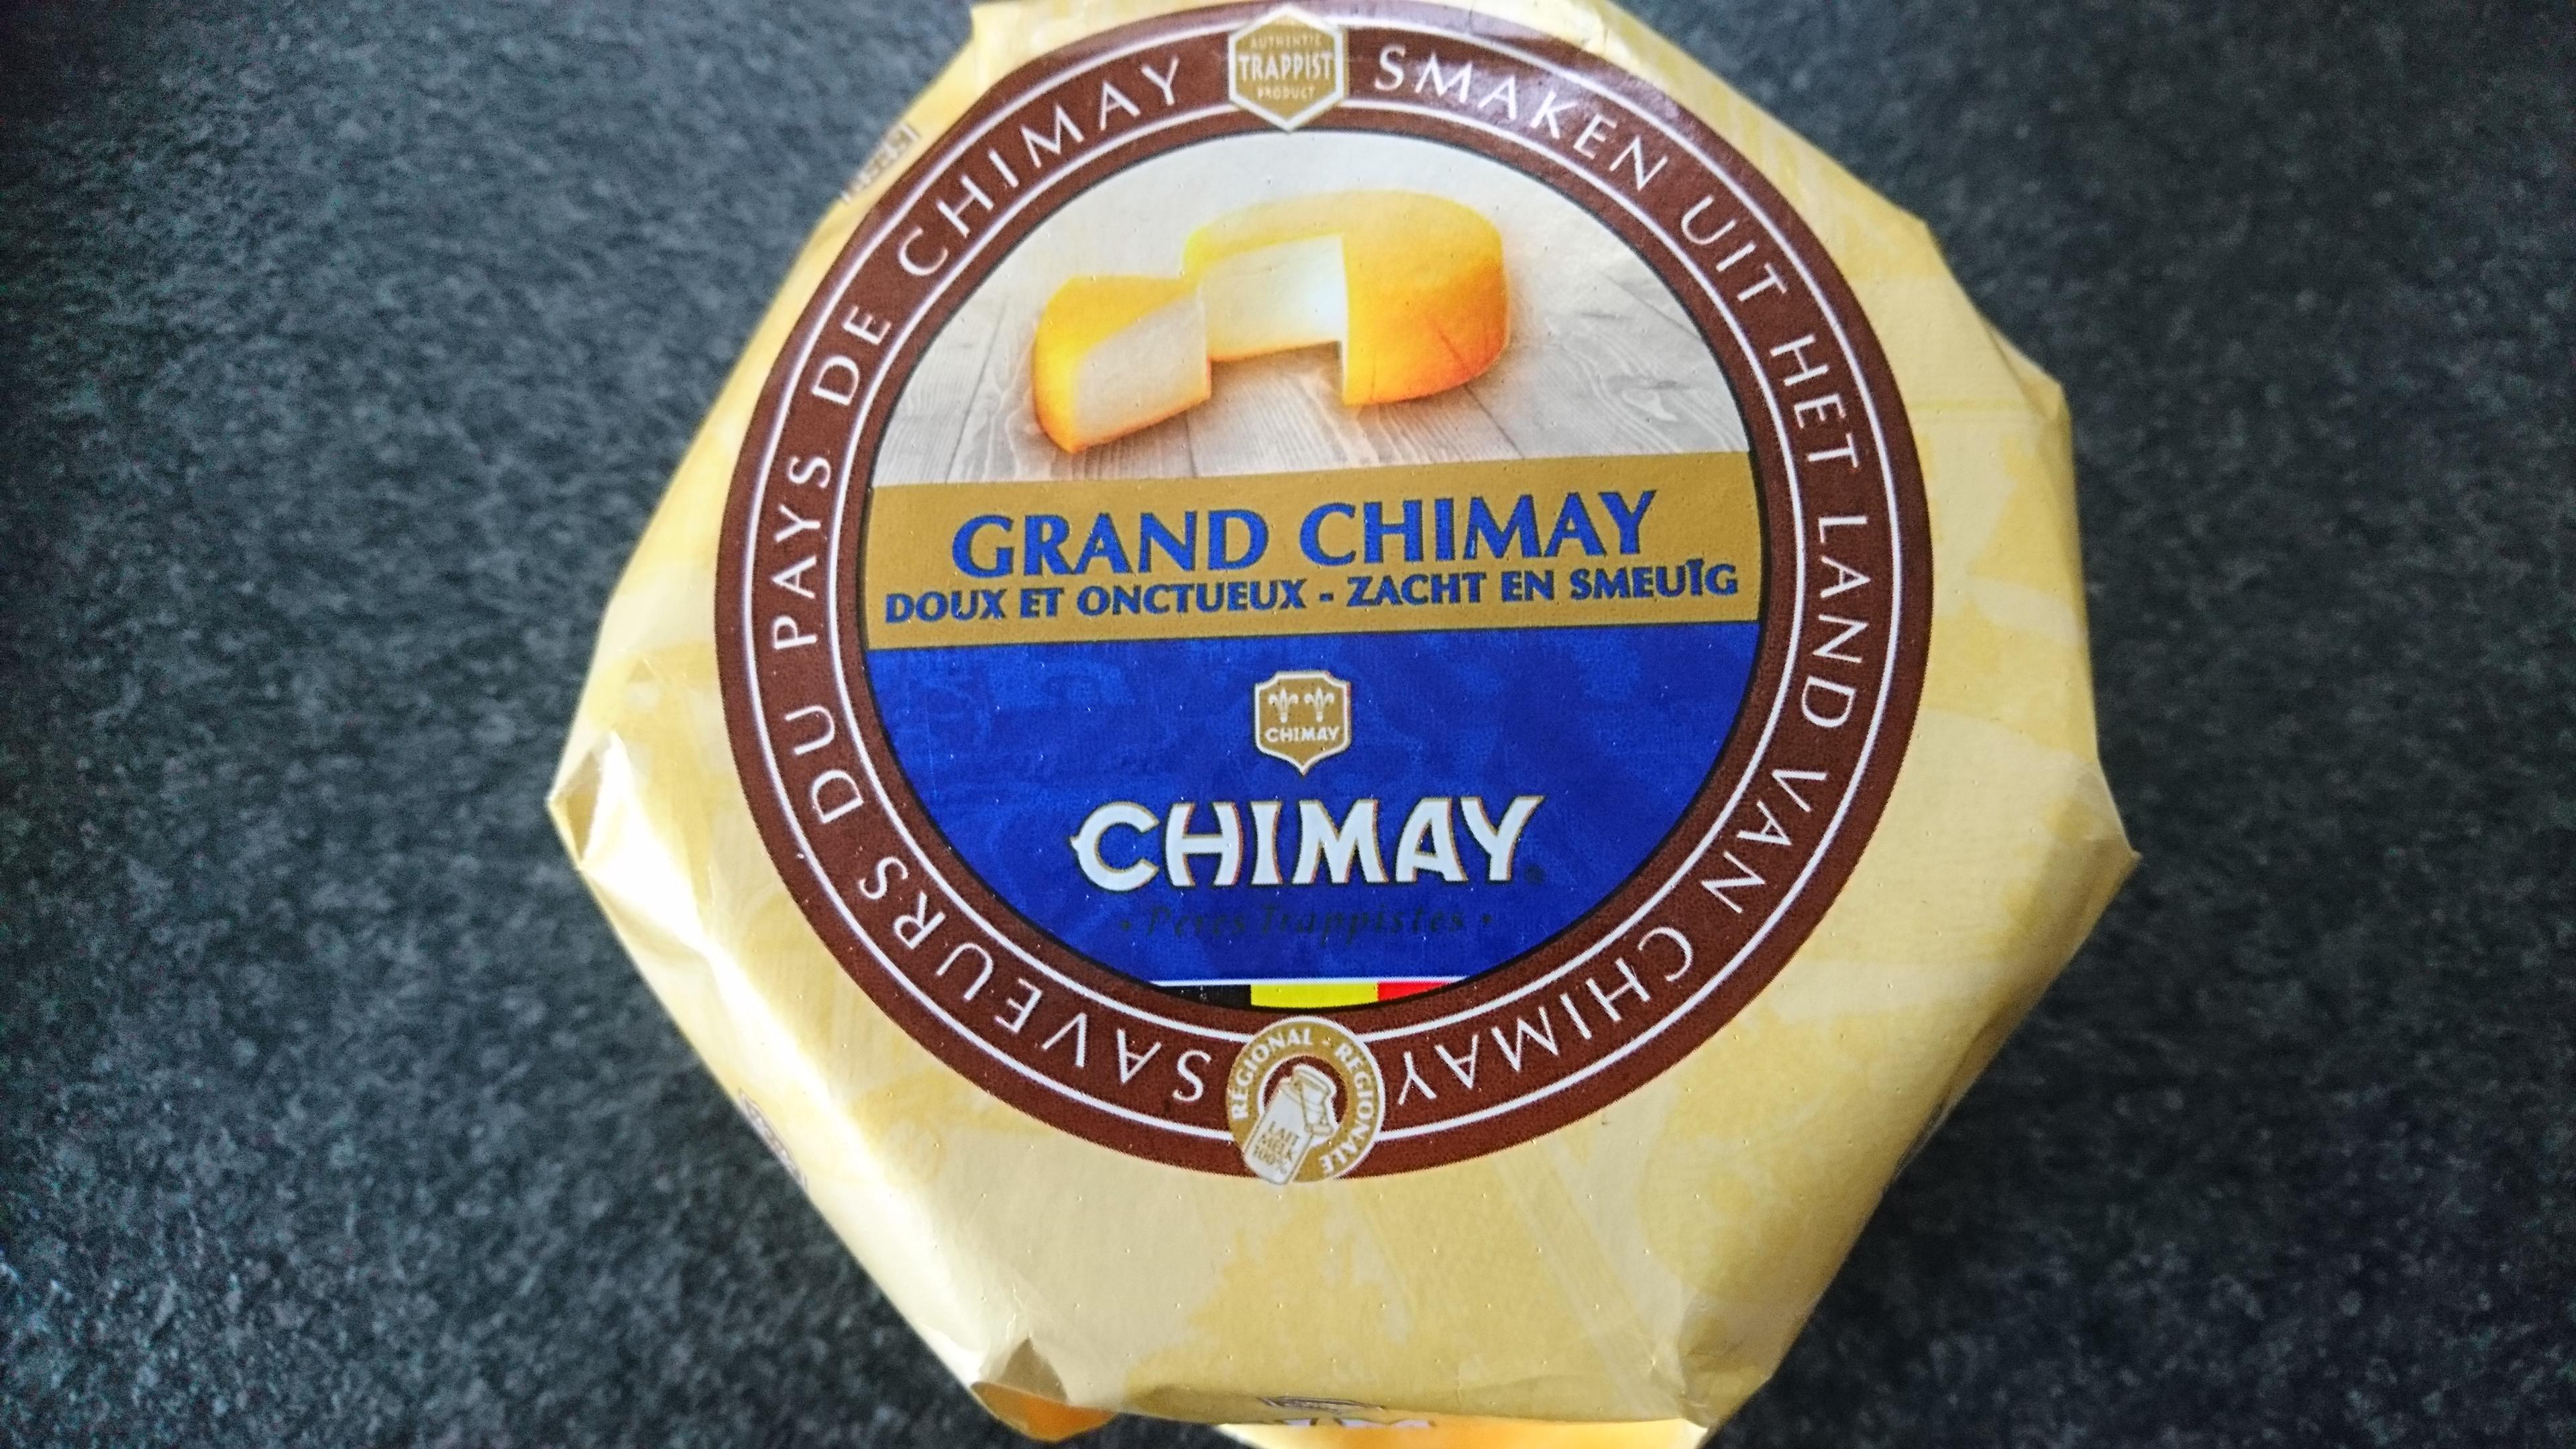 Grand Chimay